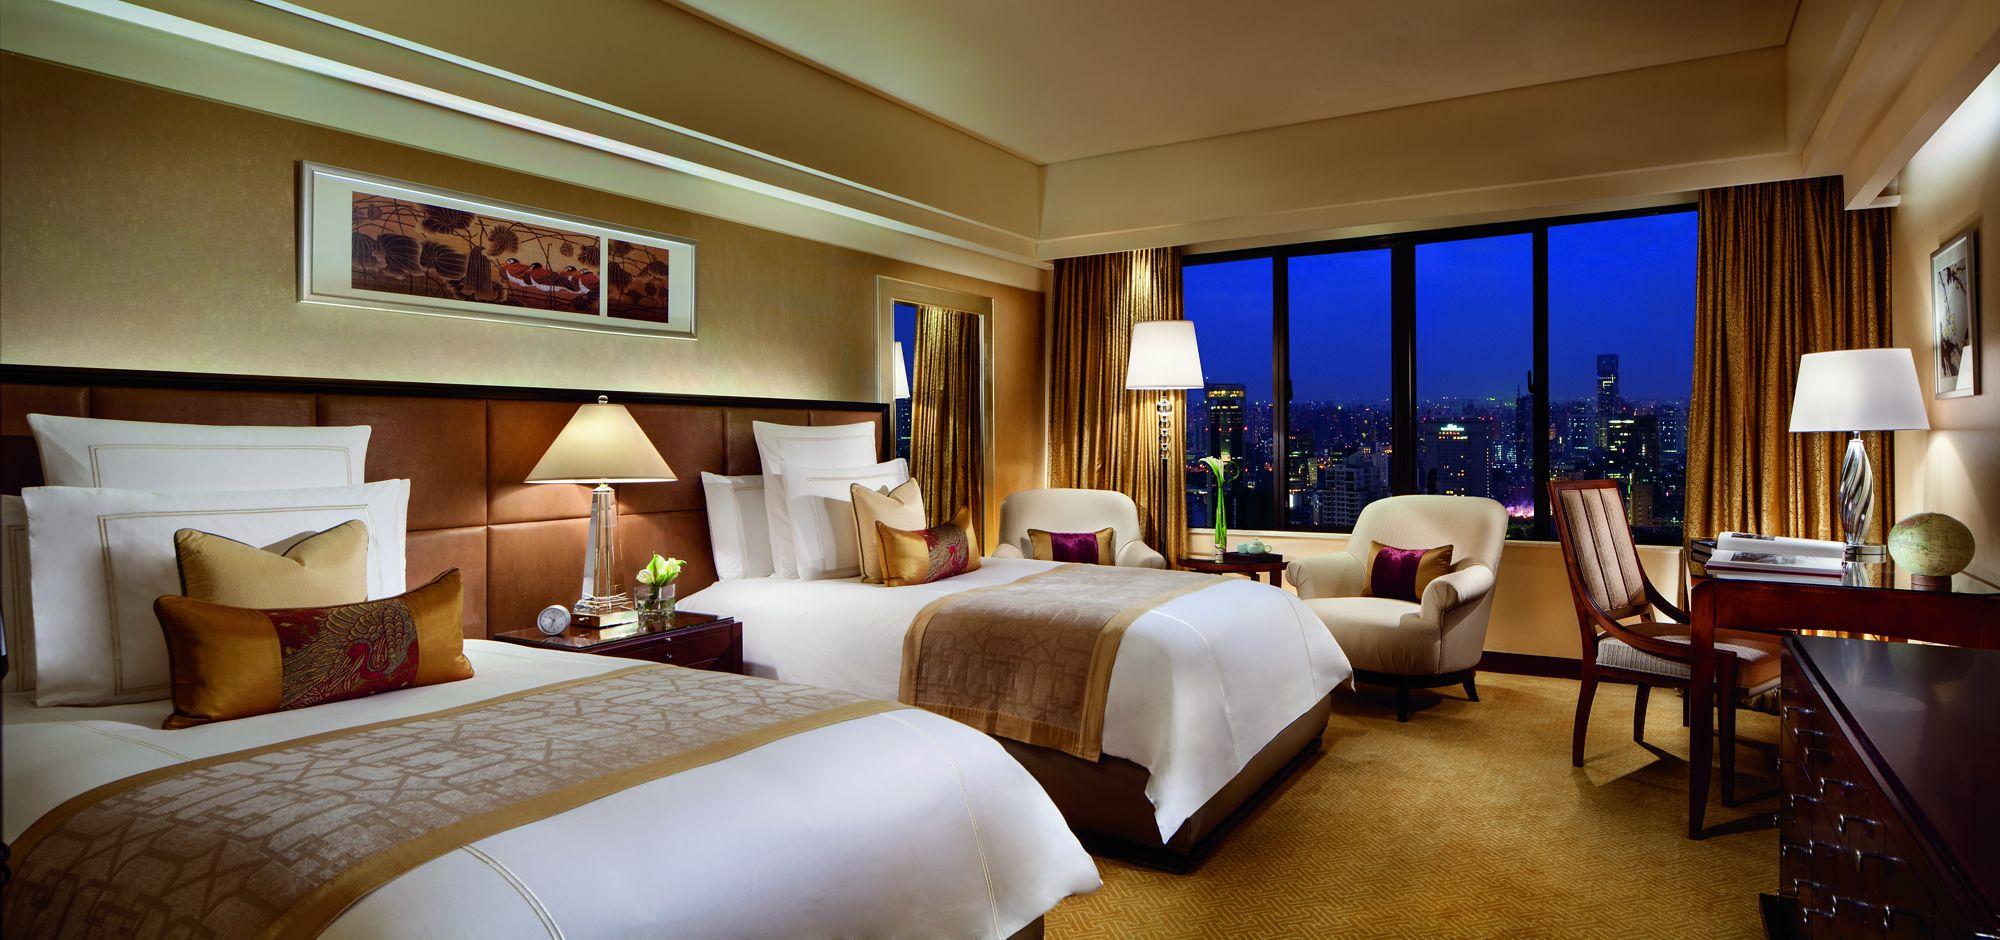 上海波特曼丽思卡尔顿酒店(南京西路商业区)